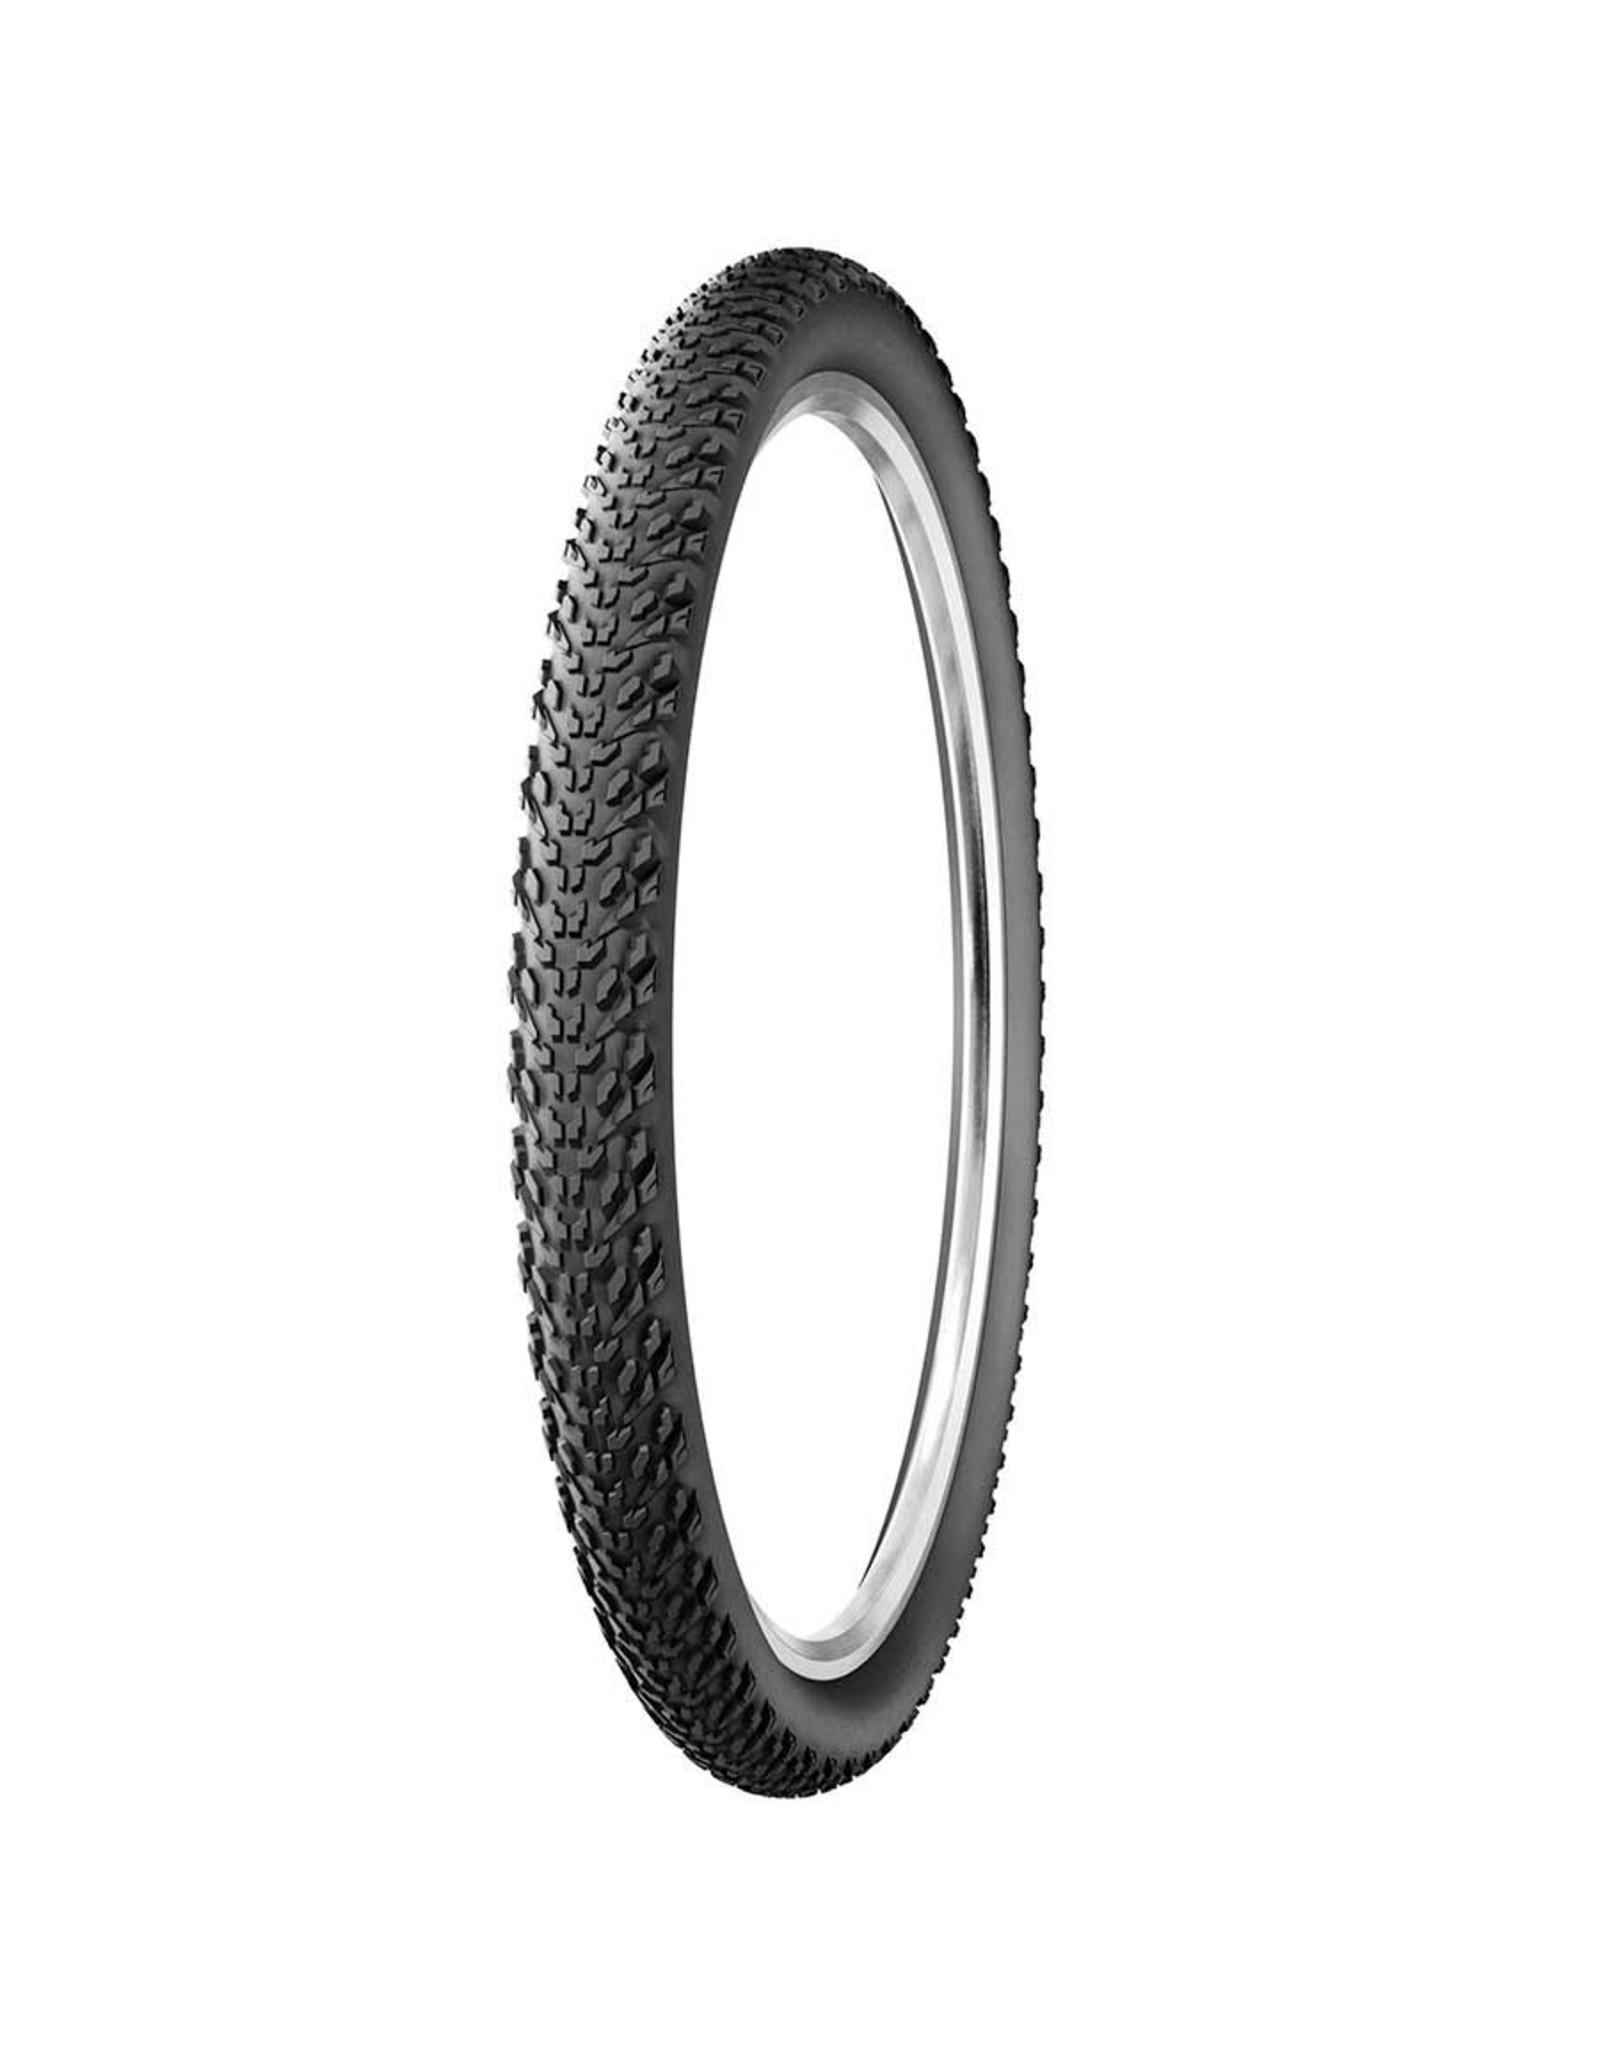 Michelin Michelin, Country Dry 2, Tire, 26''x2.00, Wire, Clincher, 30TPI, Black